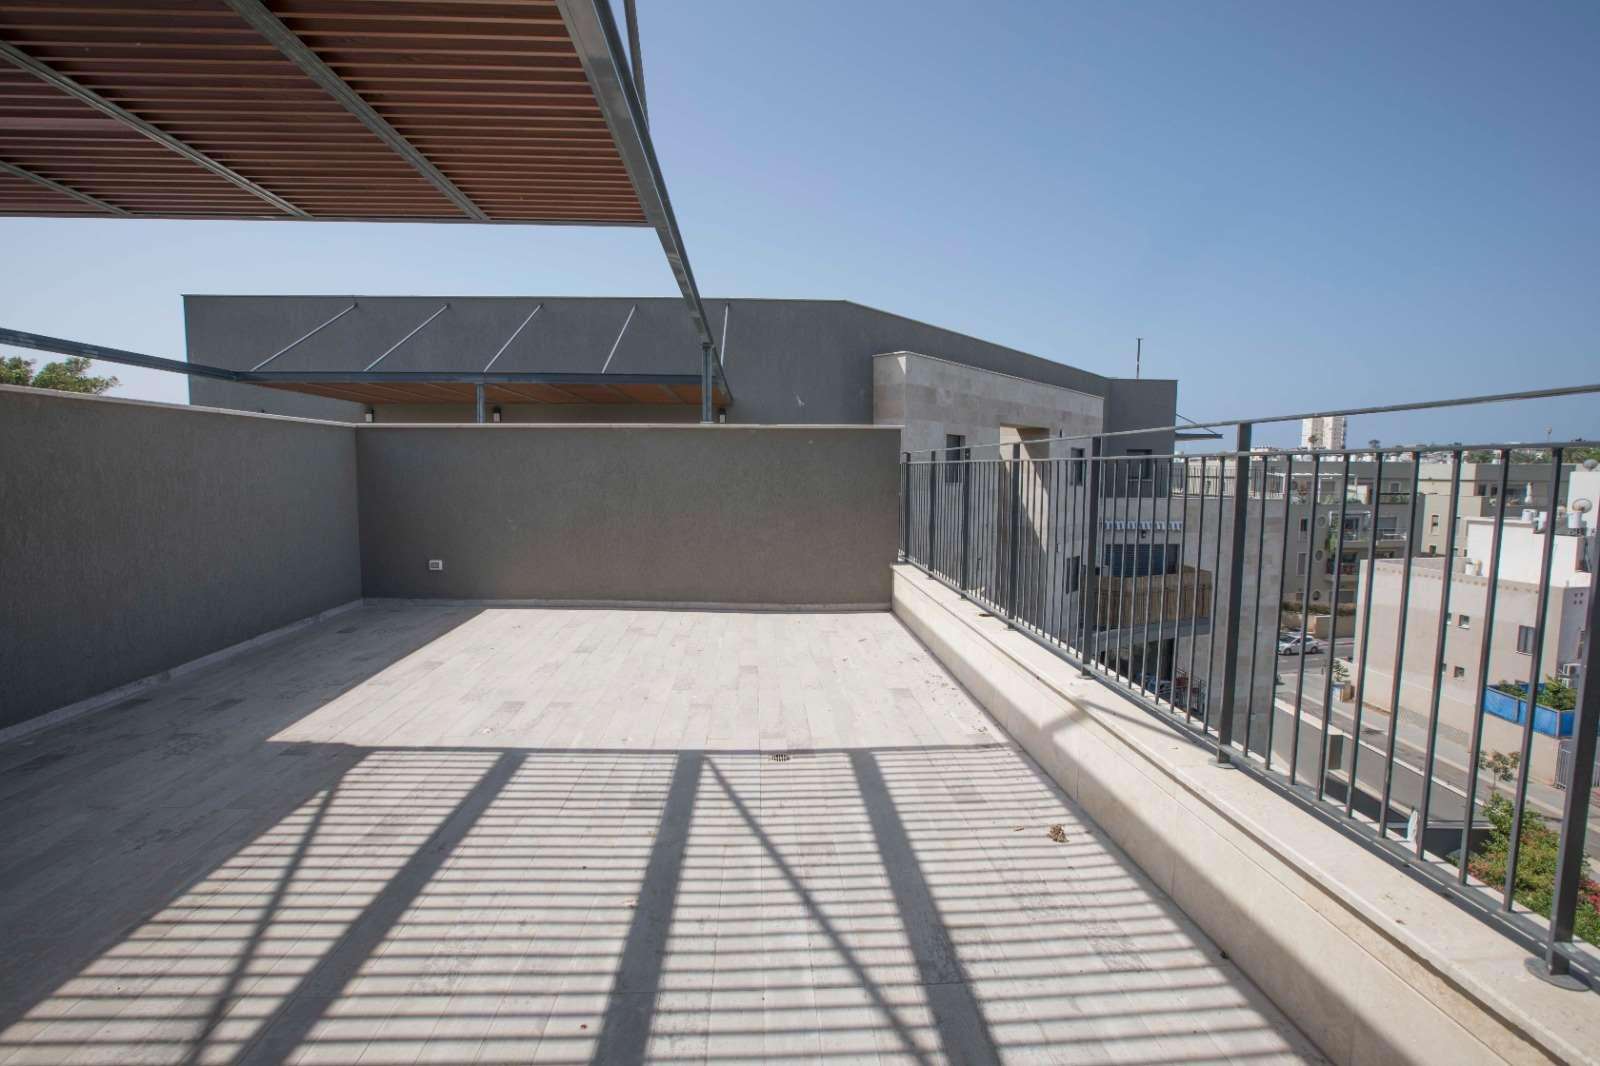 דירה למכירה 4 חדרים בתל אביב יפו צהלון ציהתל''י